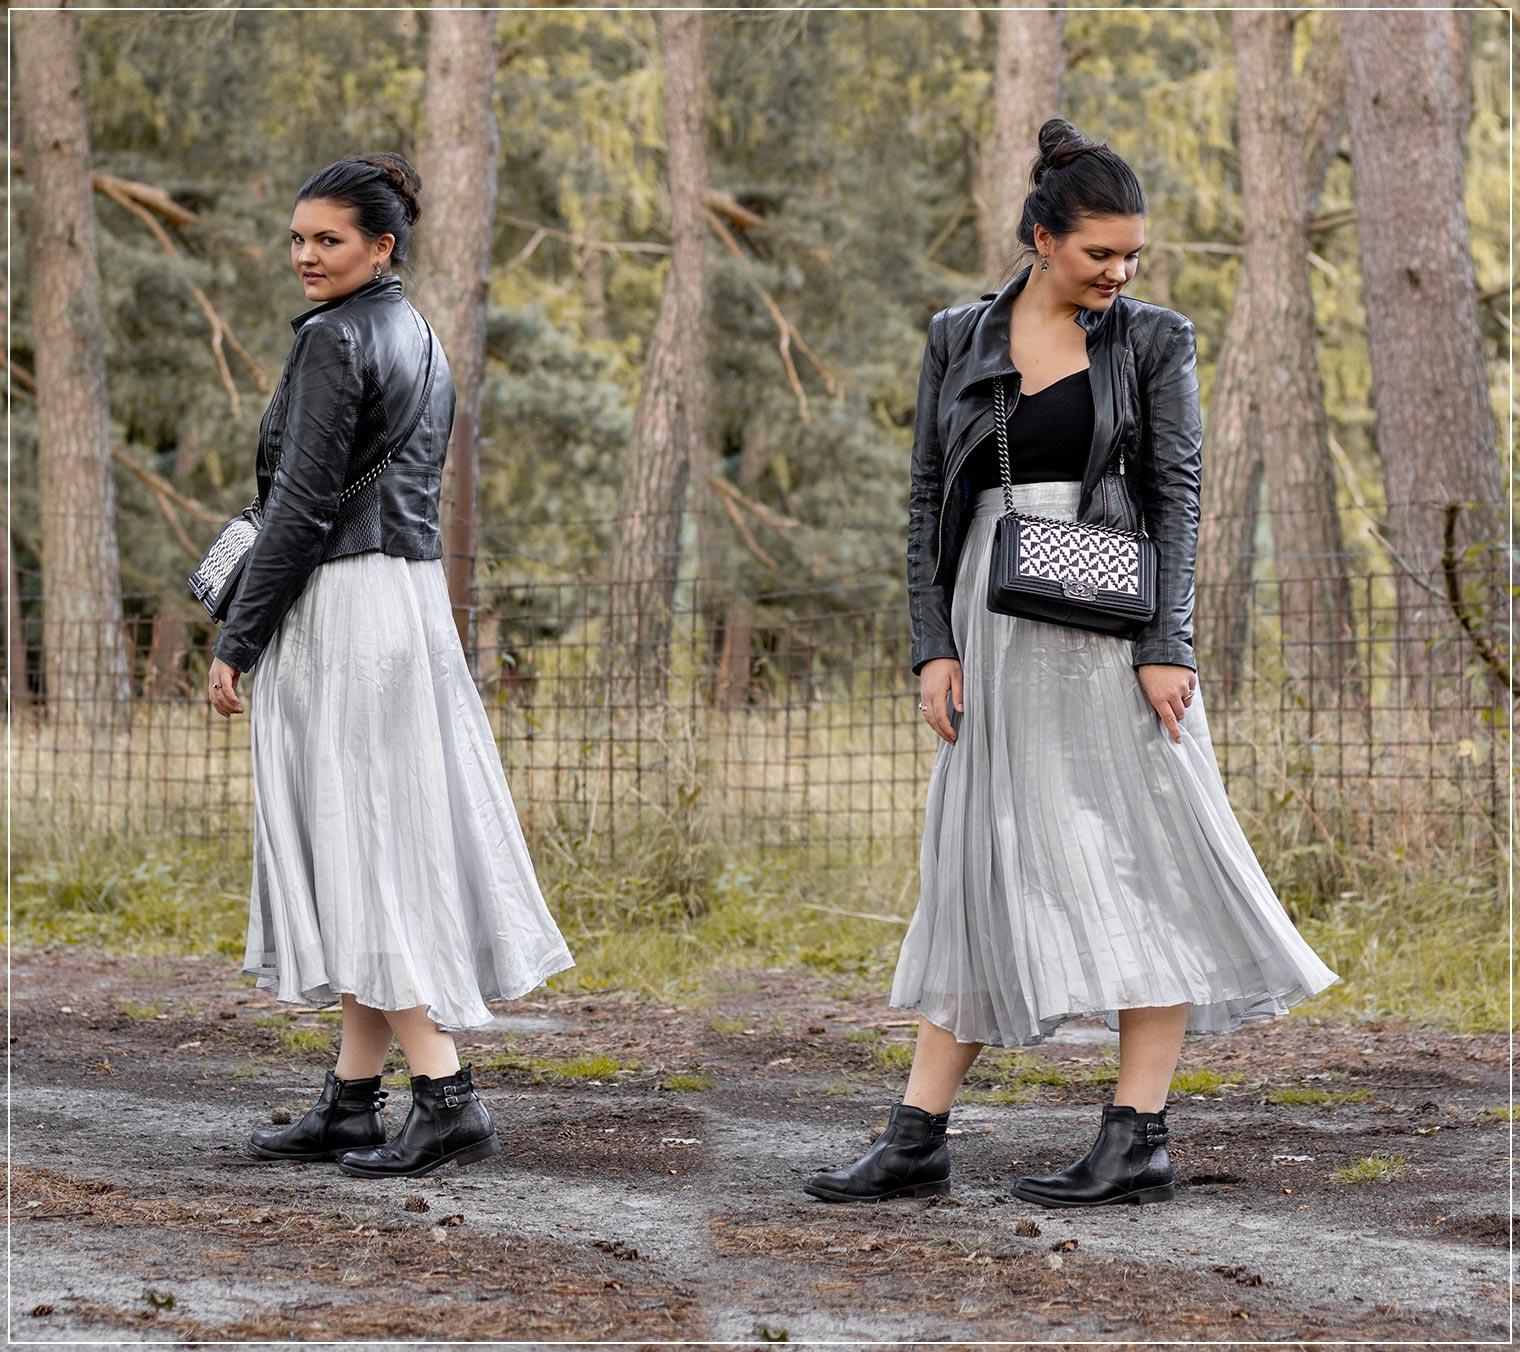 Herbstliches Outfit mit Lederjacke, Strickpullover und Chiffonrock kombinieren